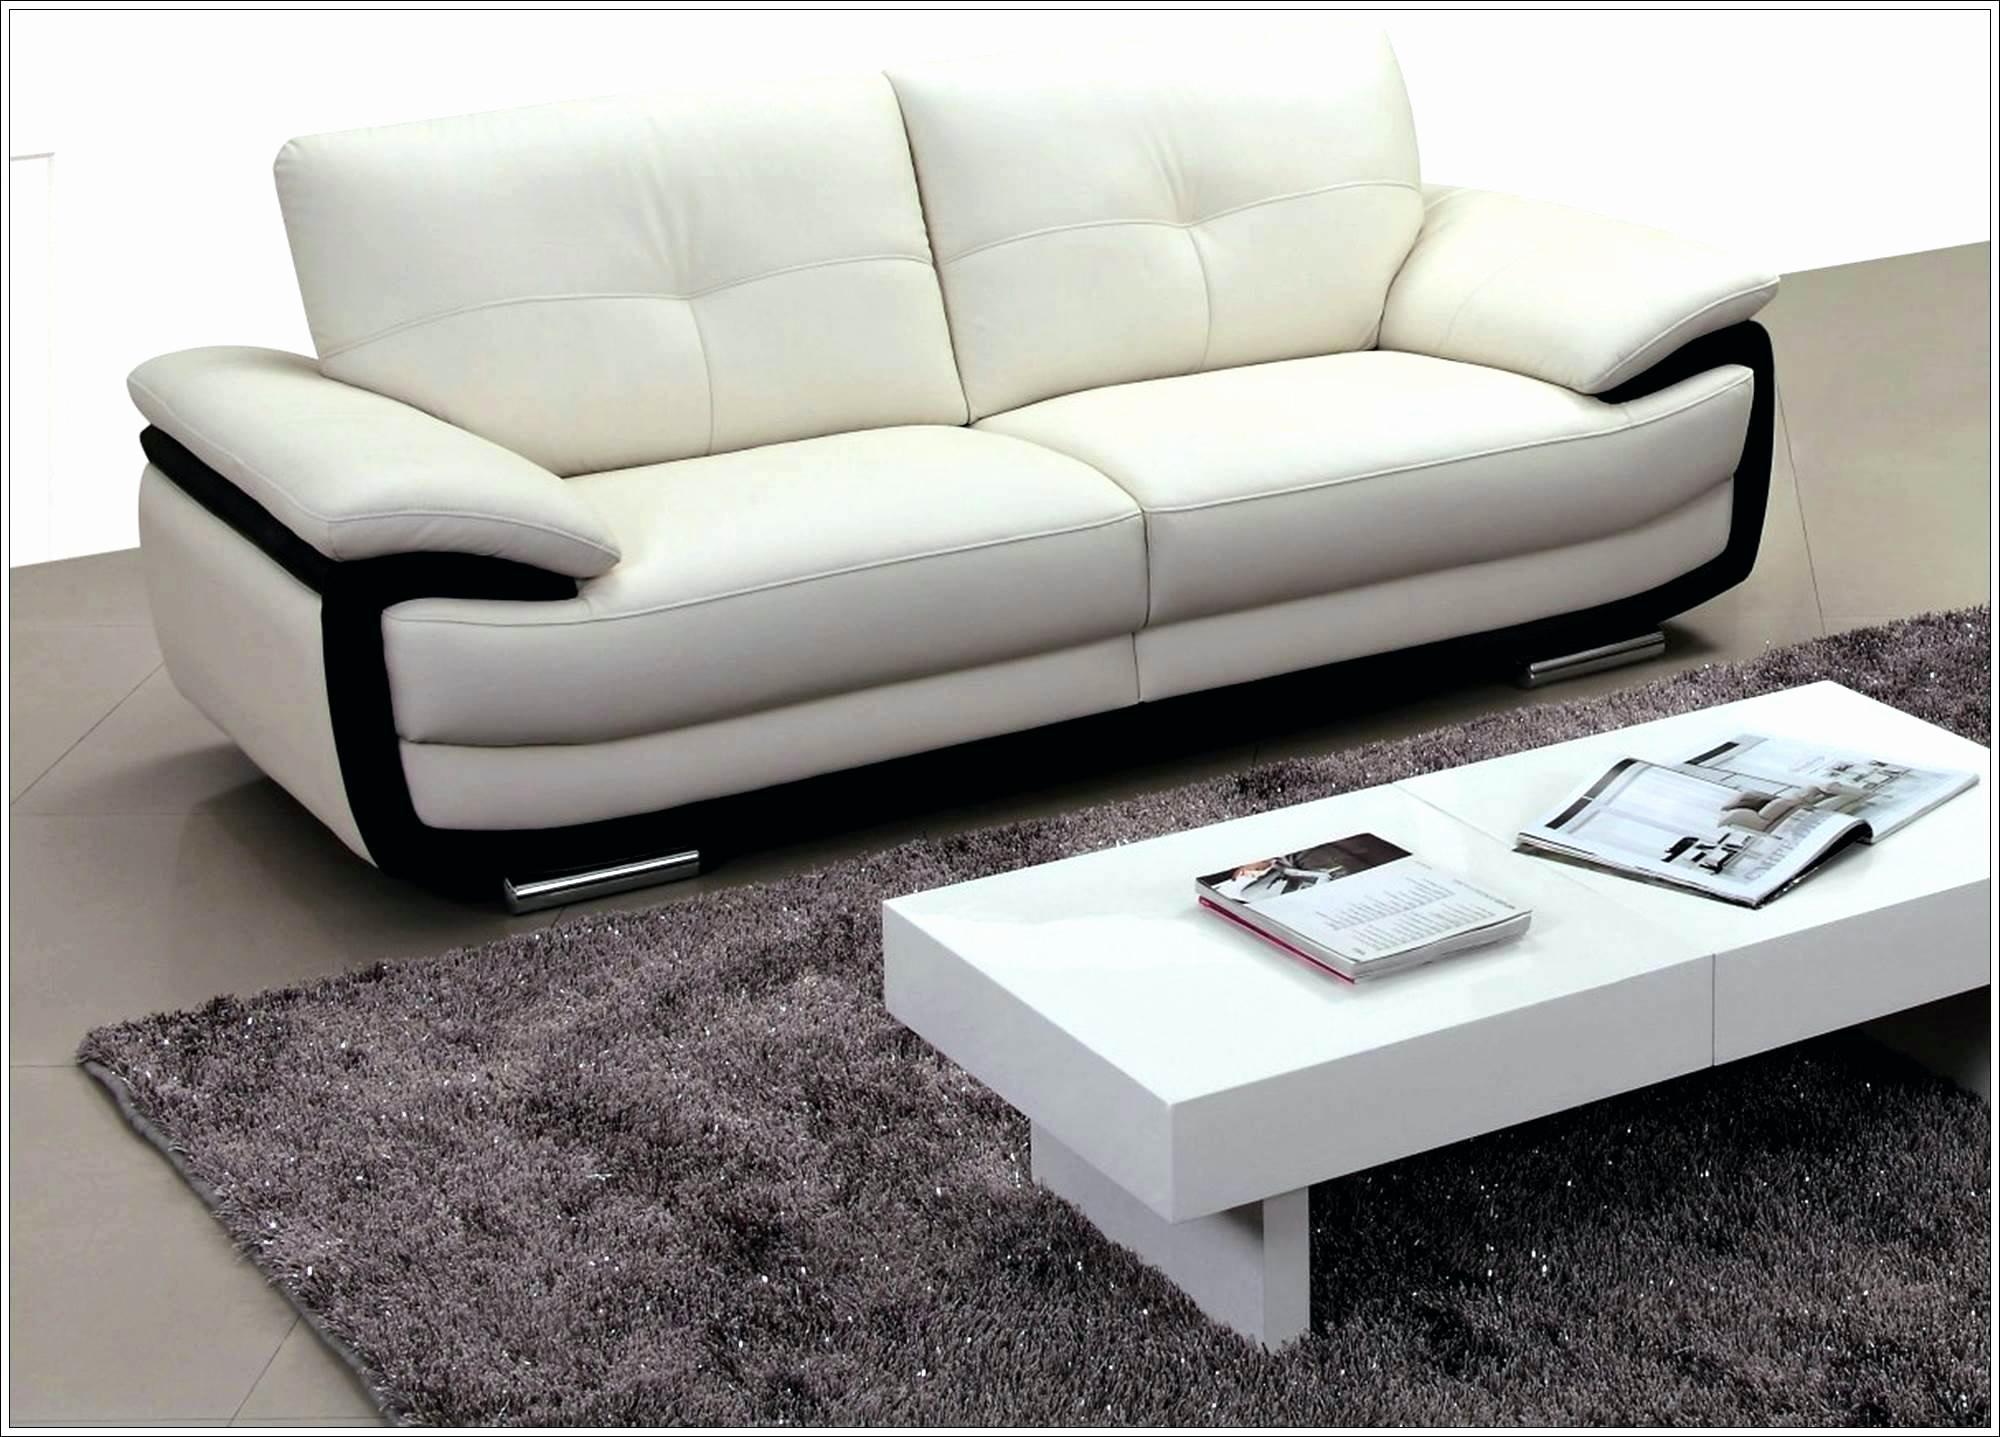 Canapé Cuir Blanc but Frais Photographie Canap Convertible 3 Places Conforama 11 Lit 2 Pas Cher Ikea but